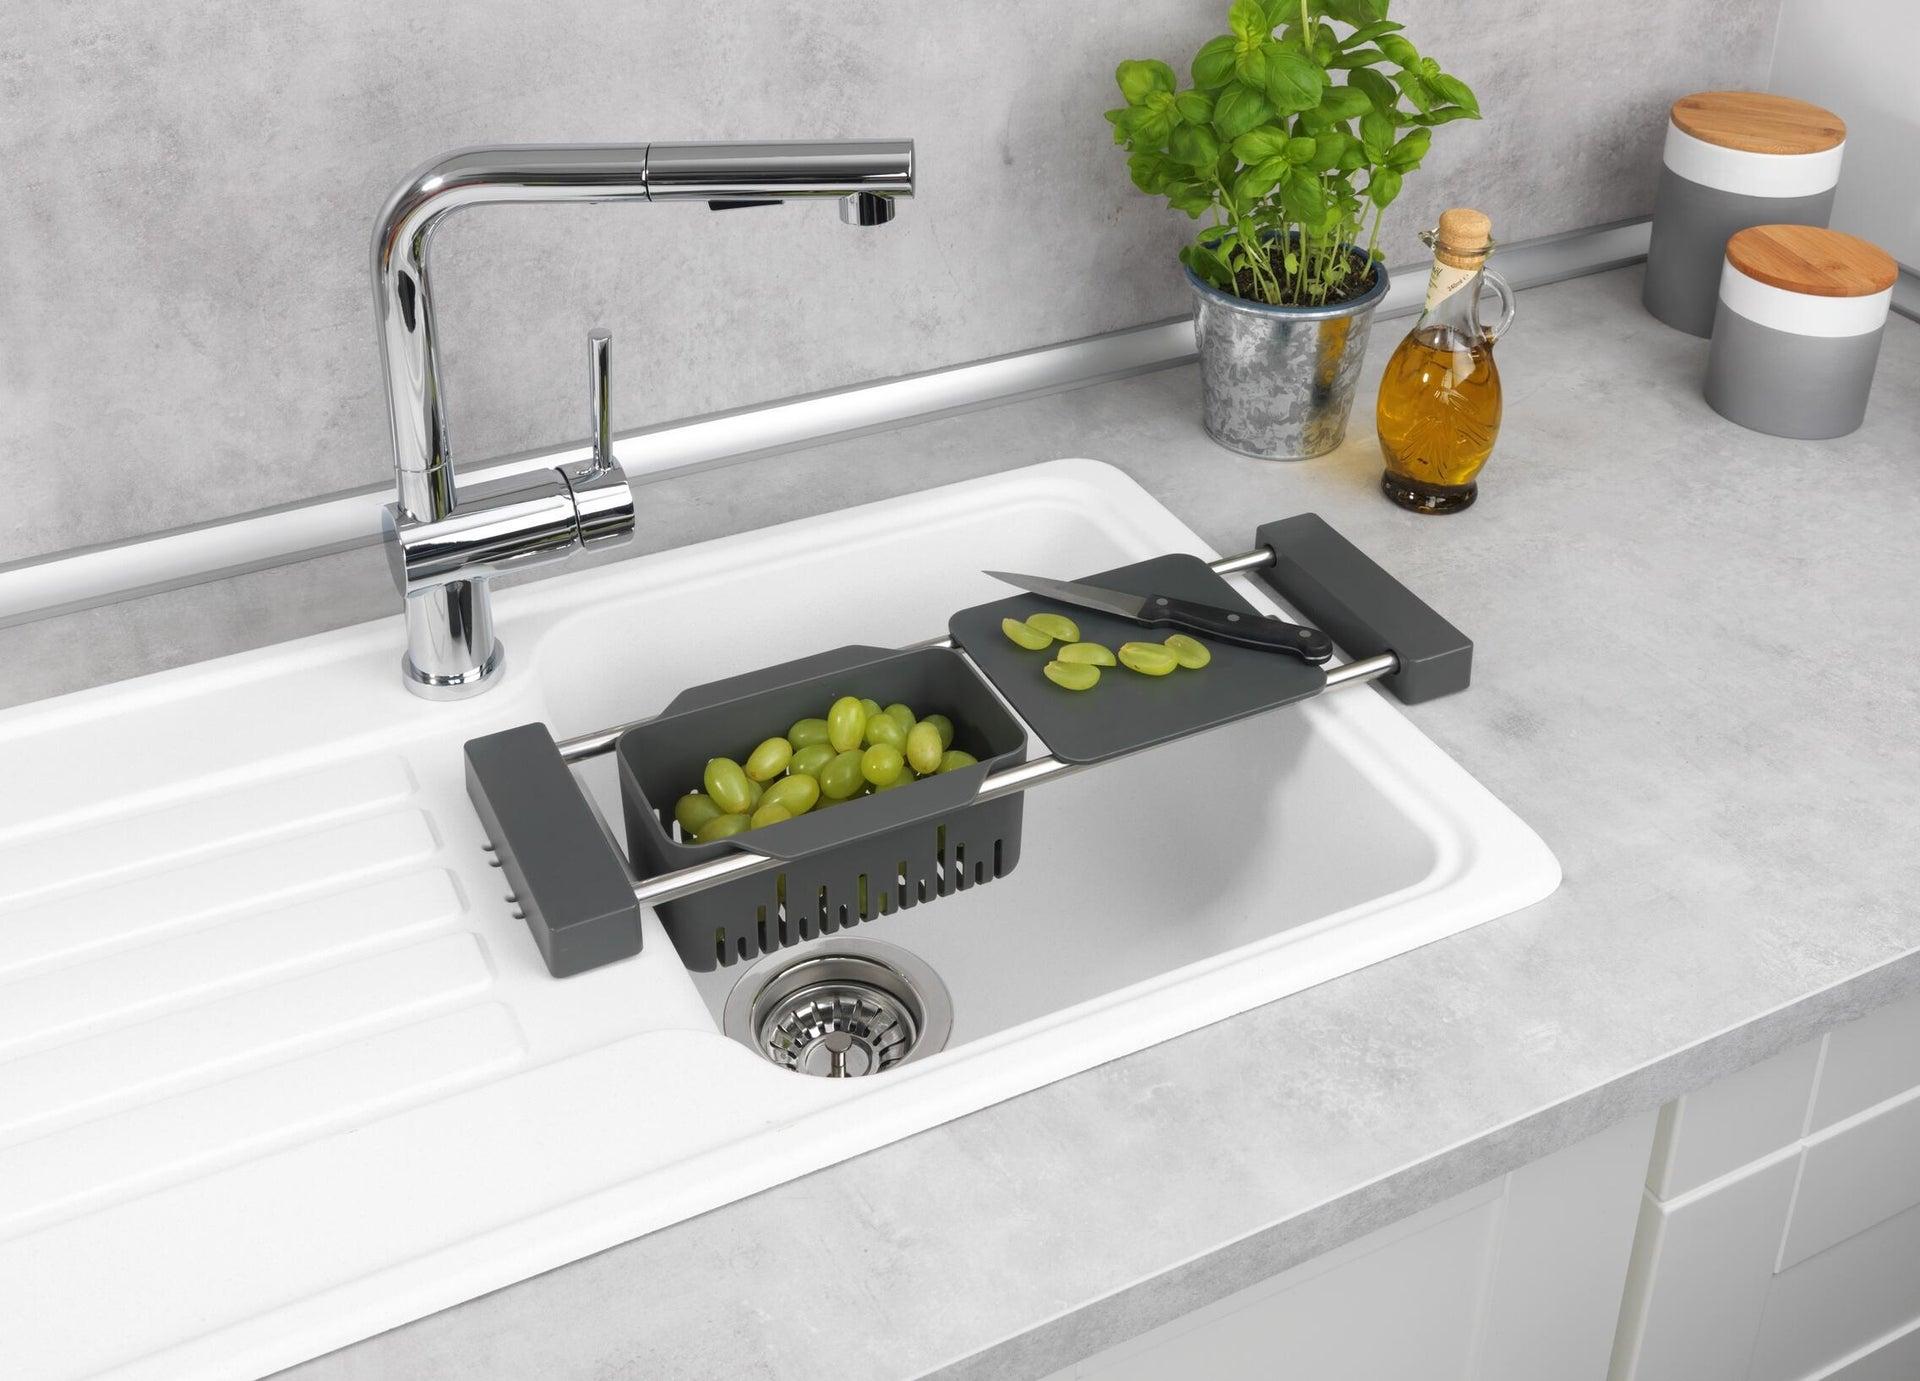 Vaschetta portaoggetti per lavello Cami per lavello grigio L 77.5 x P 14 x H 8 cm - 7